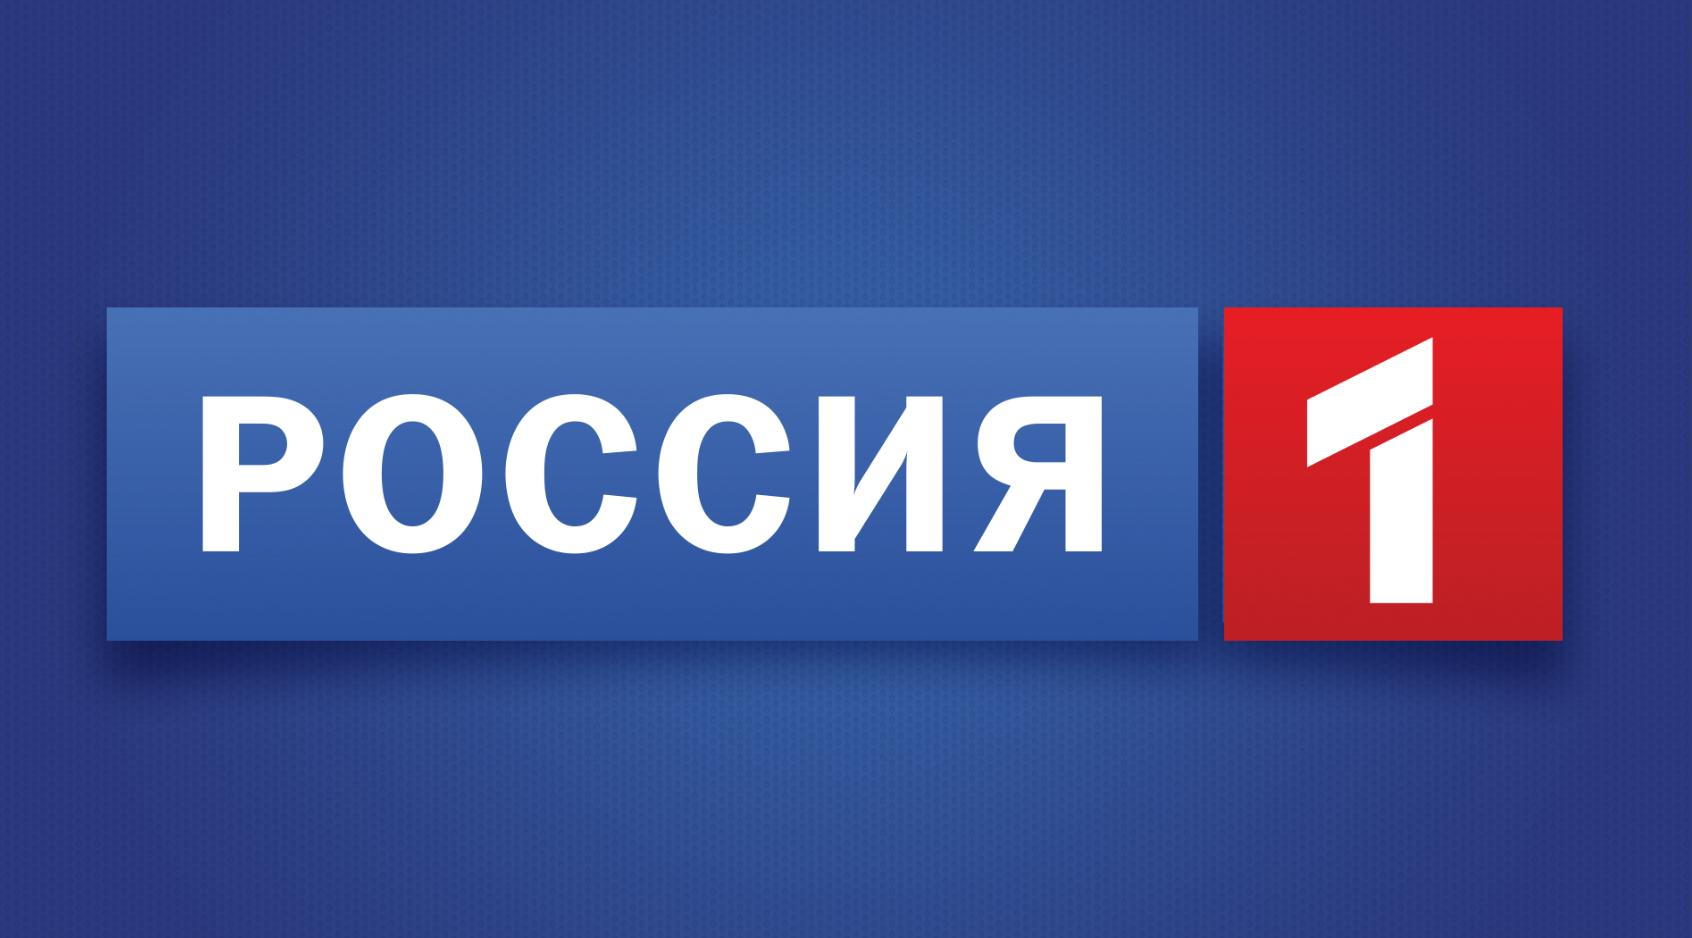 Программа телепередач россия 1 на сегодня смотреть